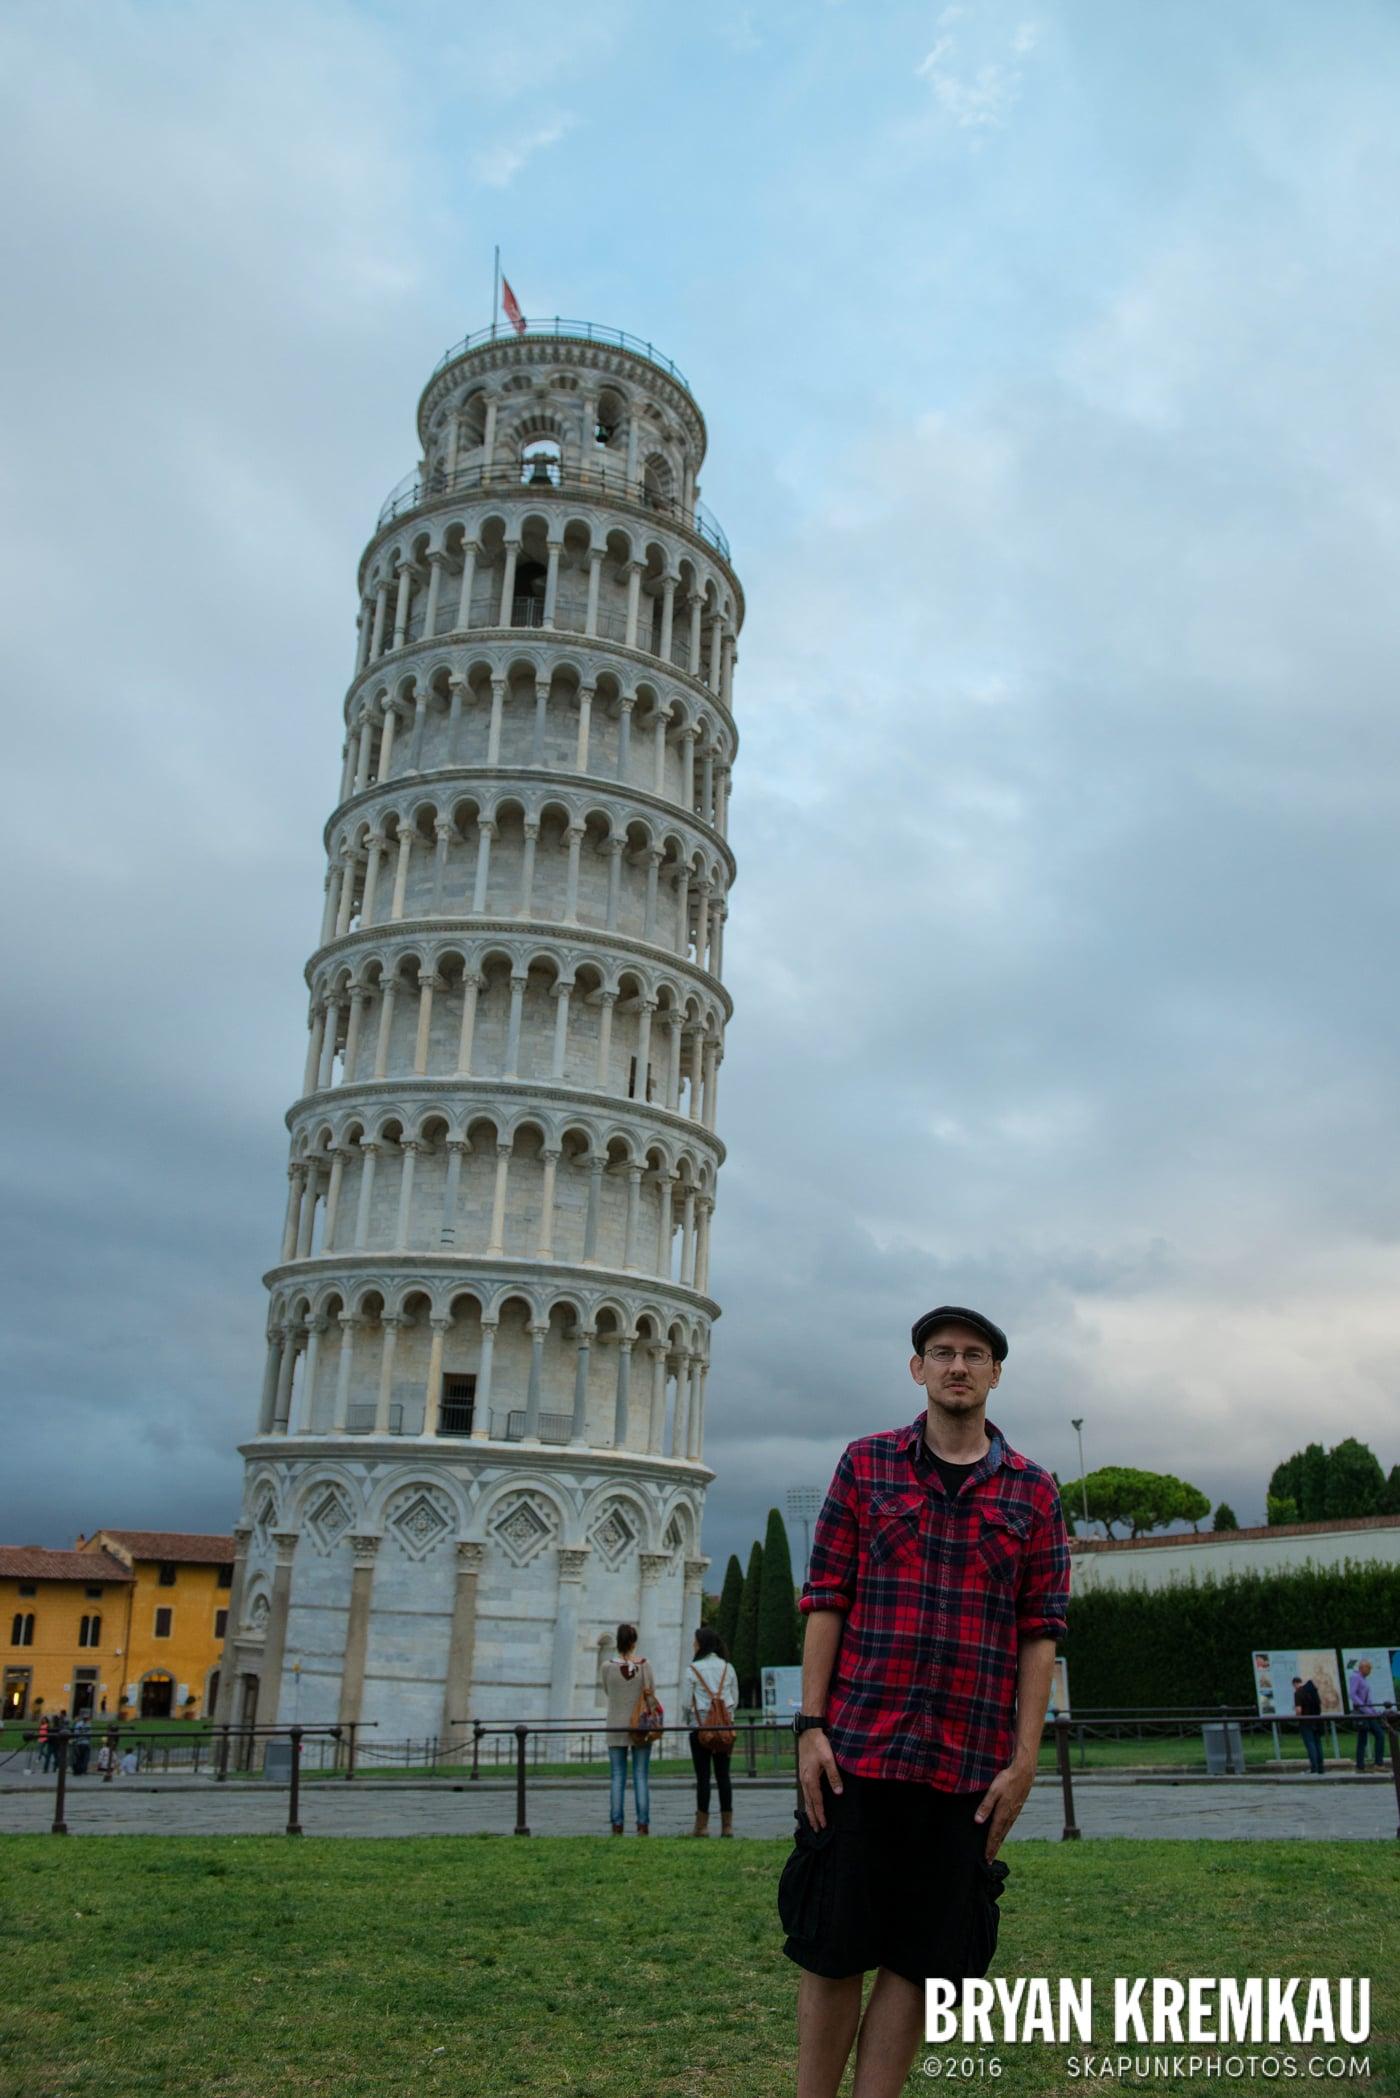 Italy Vacation - Day 8: Siena, San Gimignano, Chianti, Pisa - 9.16.13 (12)